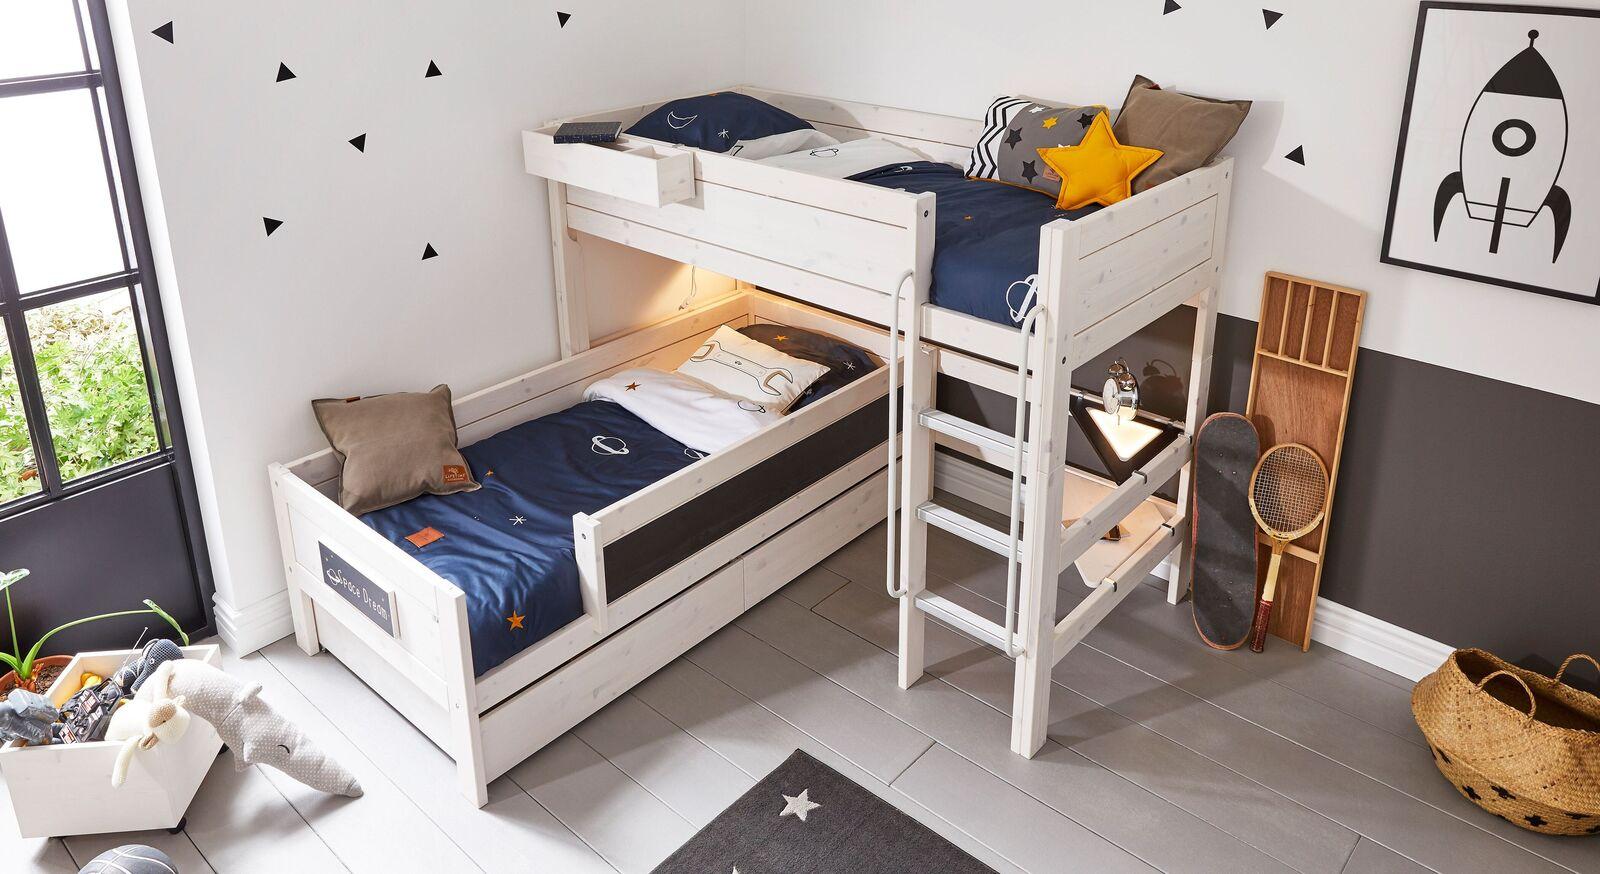 LIFETIME Eck-Etagenbett Original mit 2 Schlafplätzen